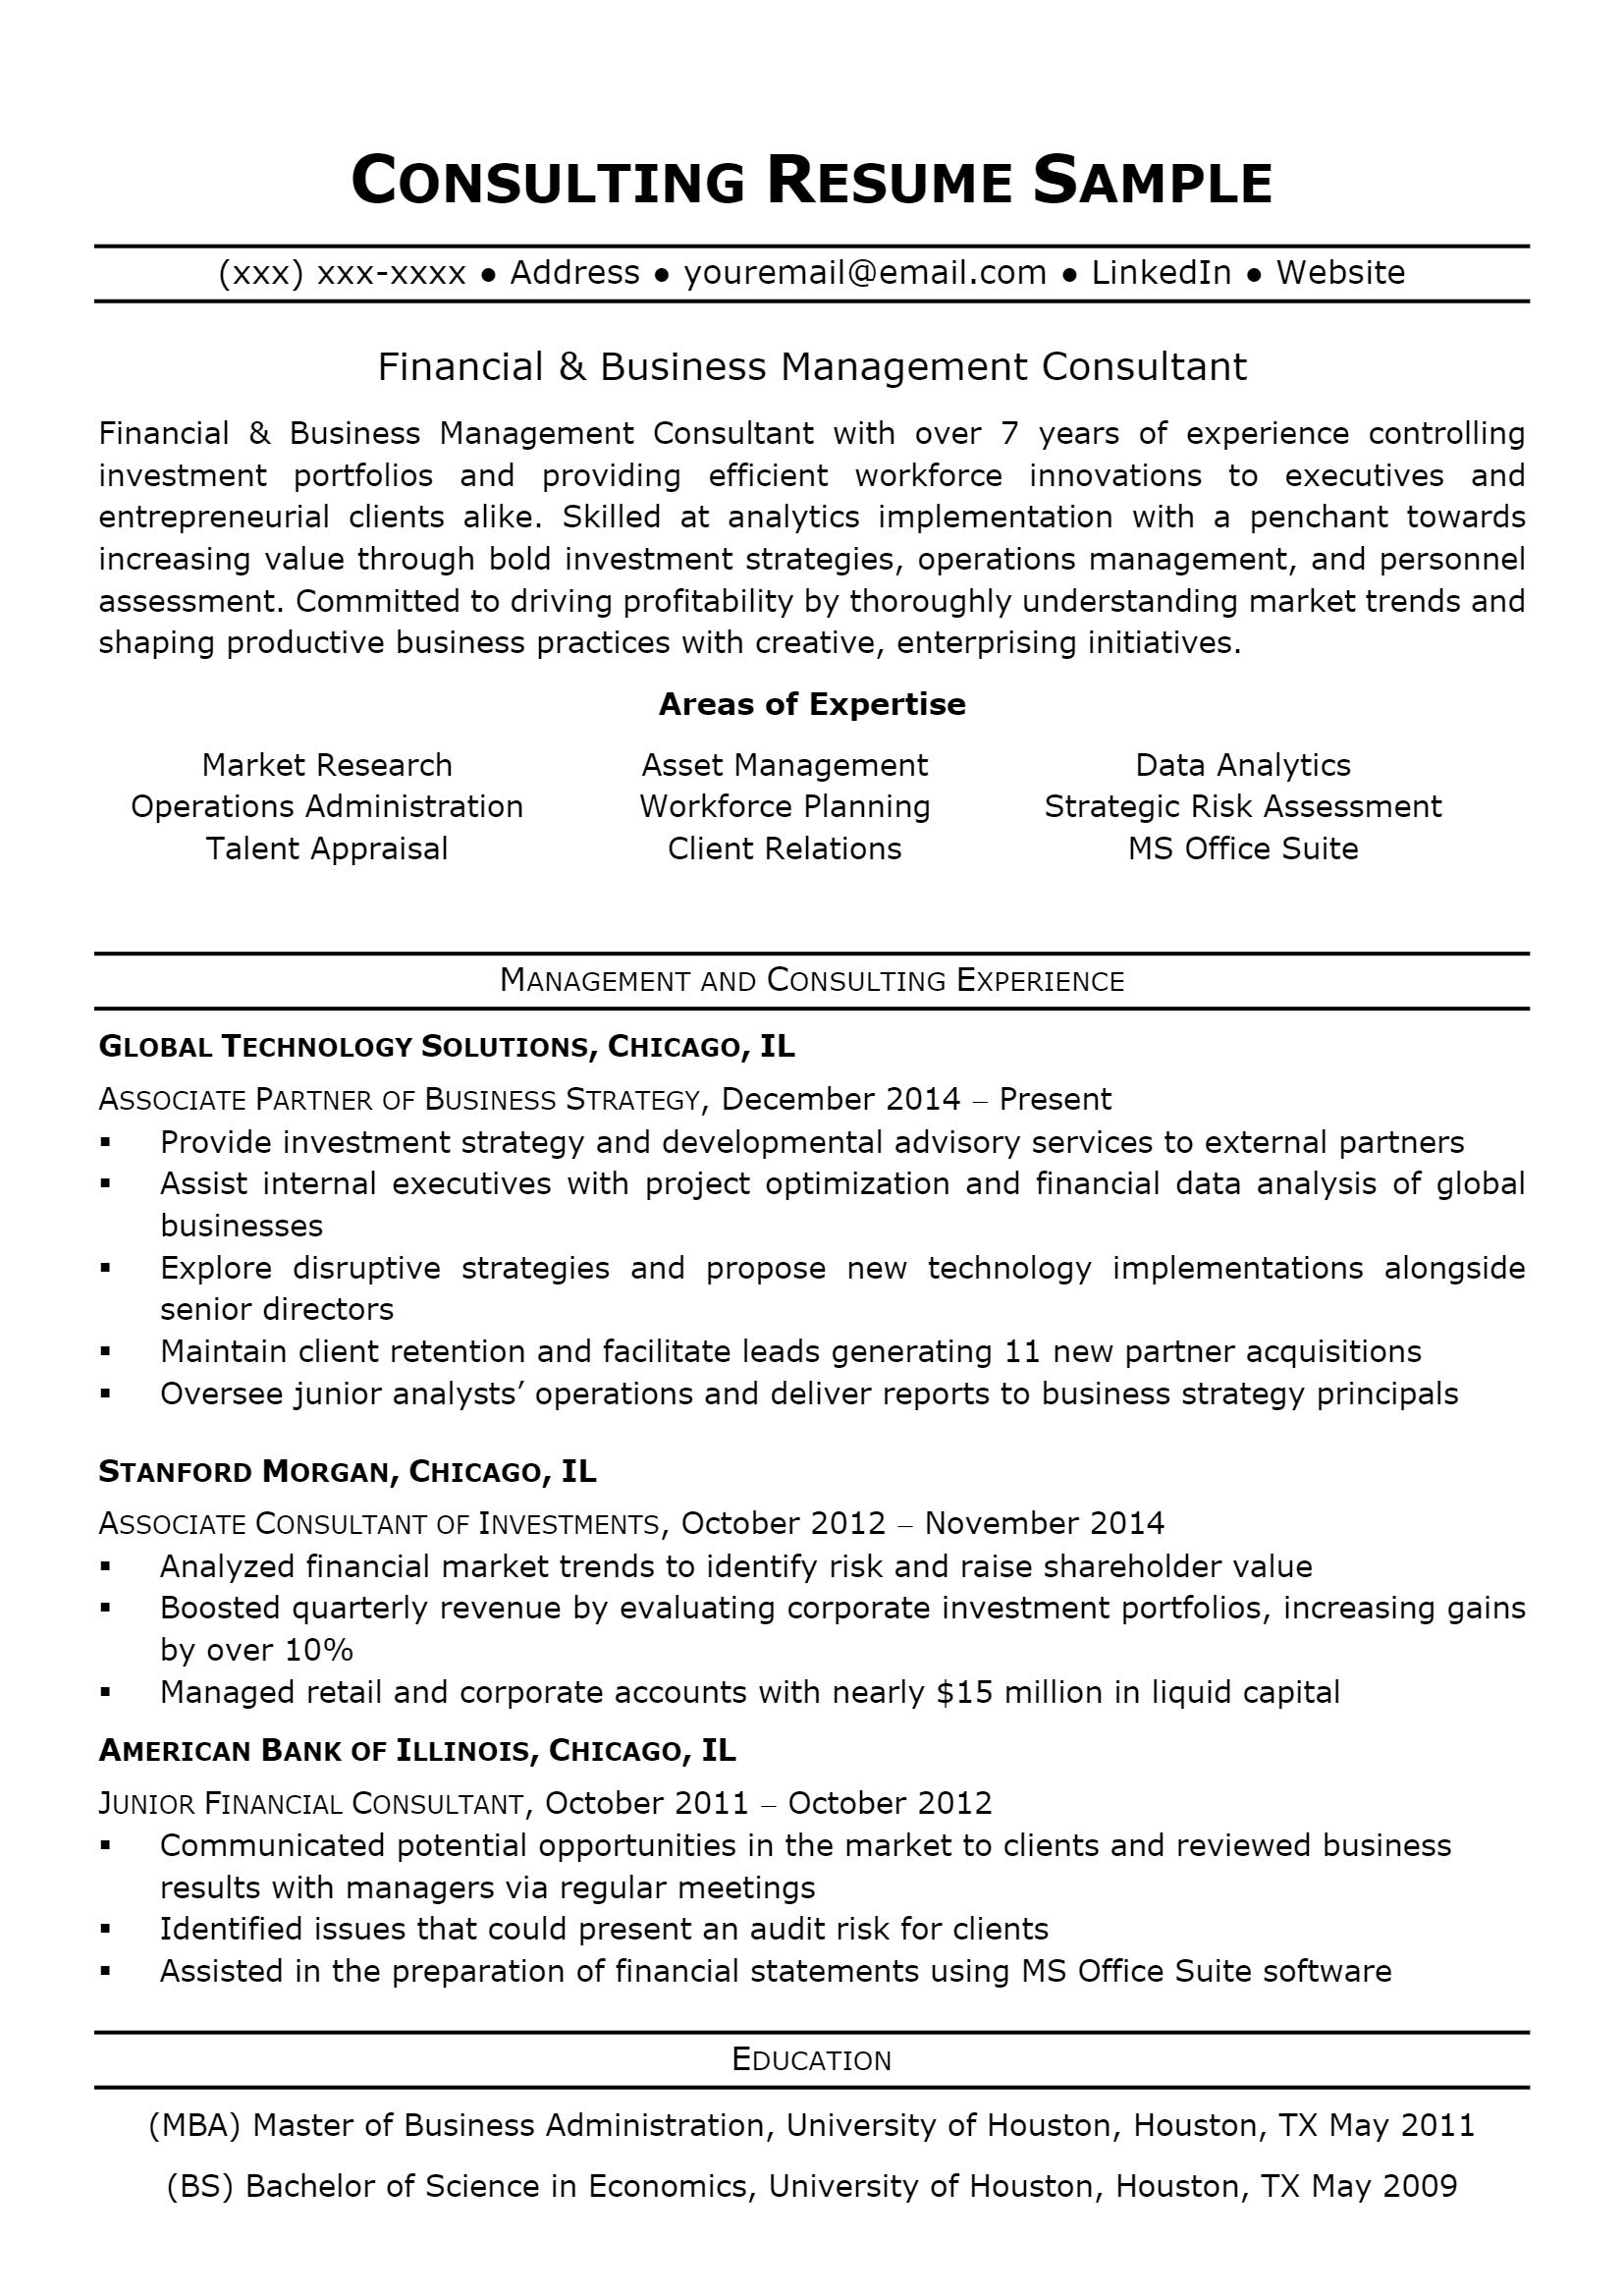 Consultant Resume > Consultant Resume .Docx (Word)